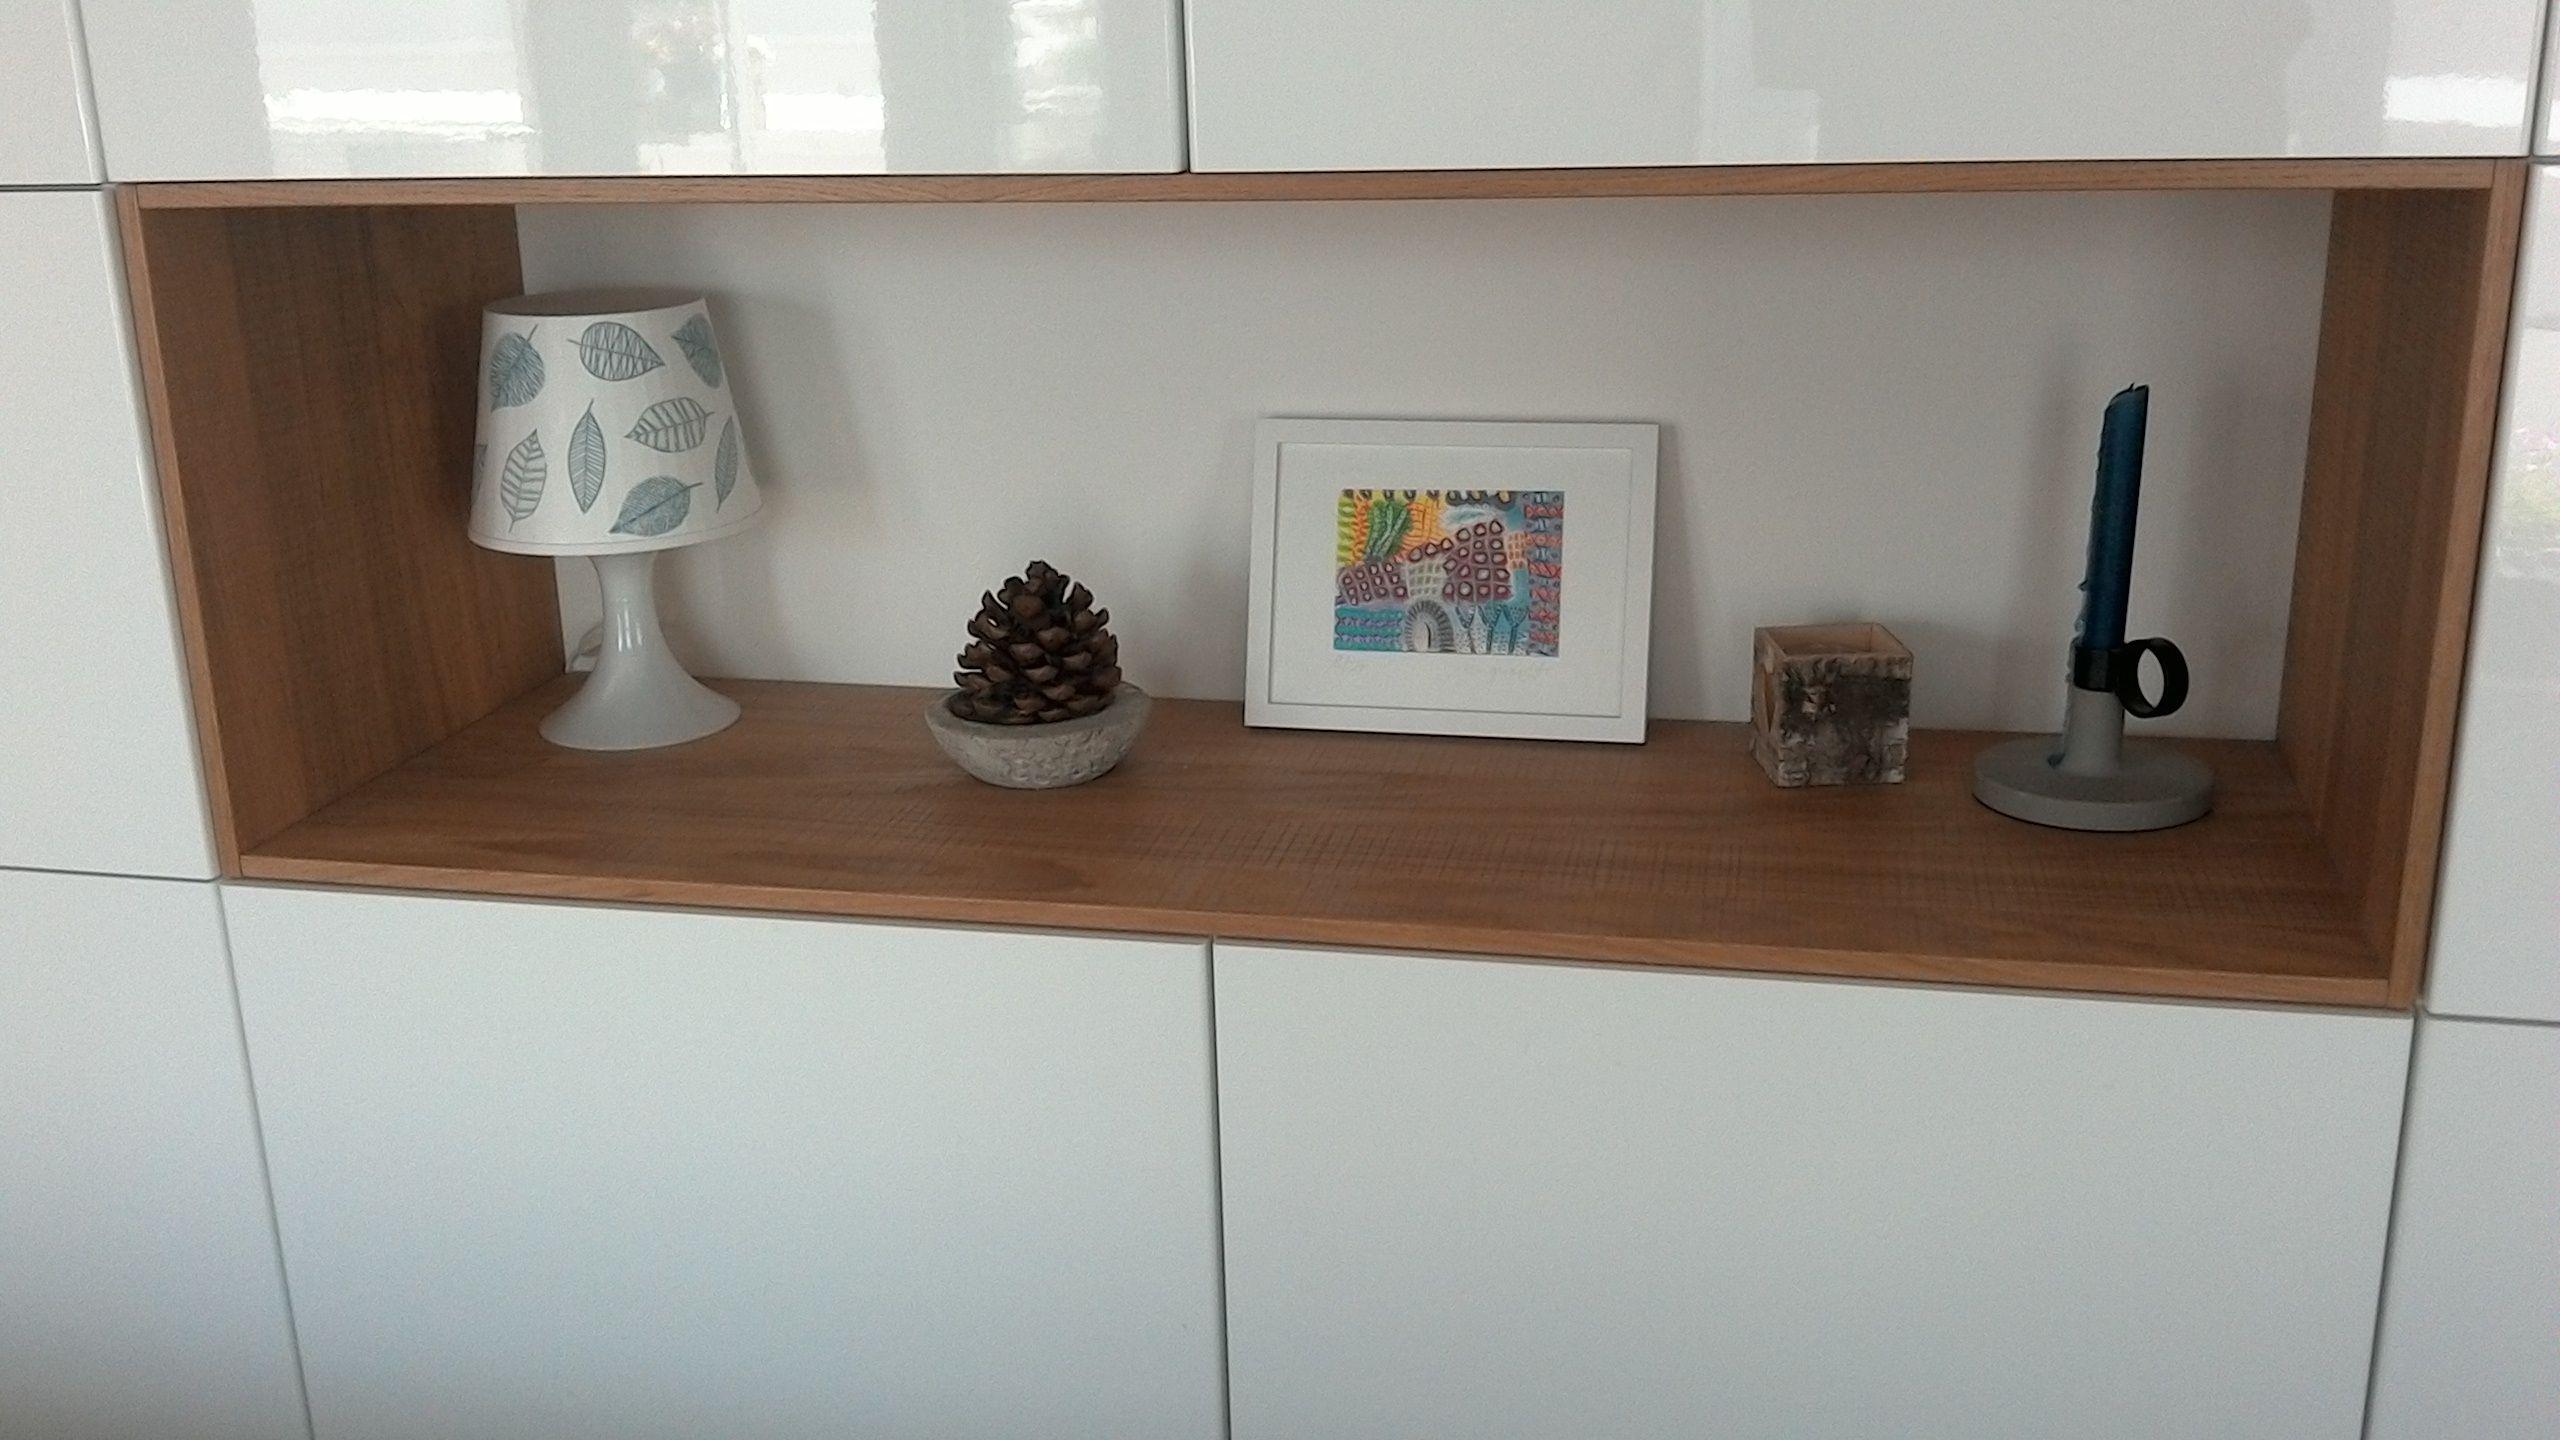 Ikea Method Ringhult plus Hyttan als Wohnzimmerschrank | DIY ...